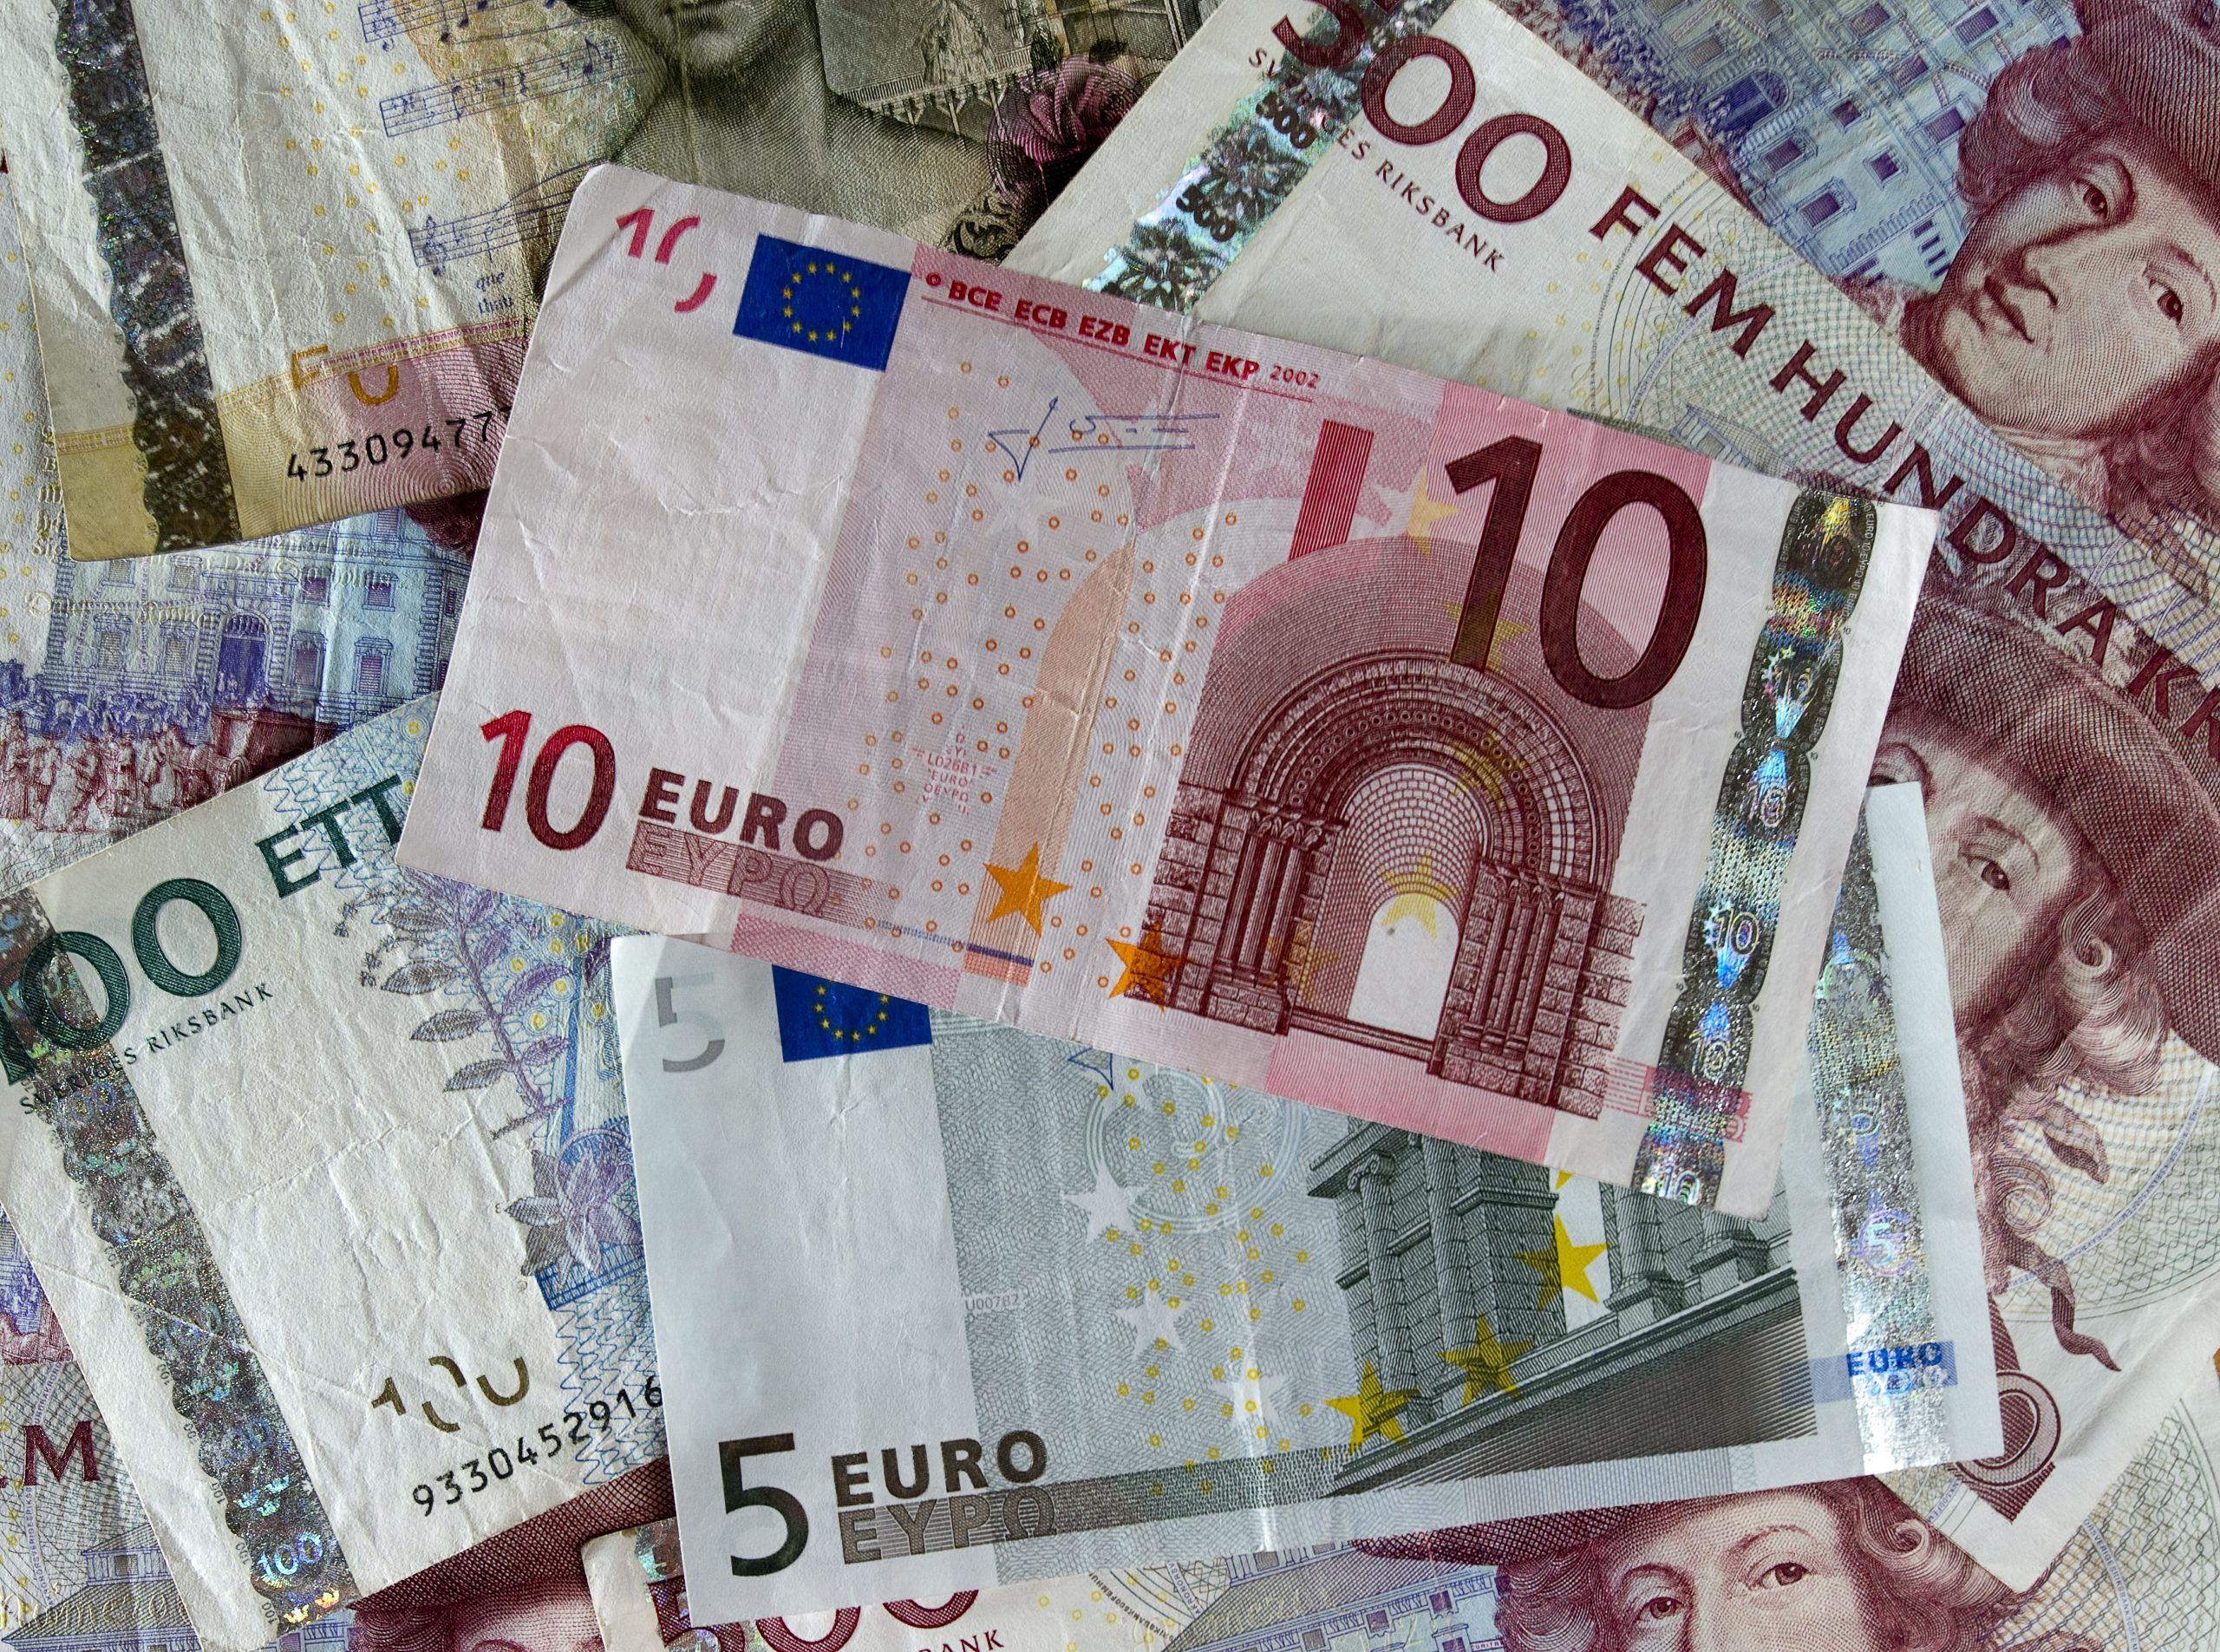 växla pengar erikslund